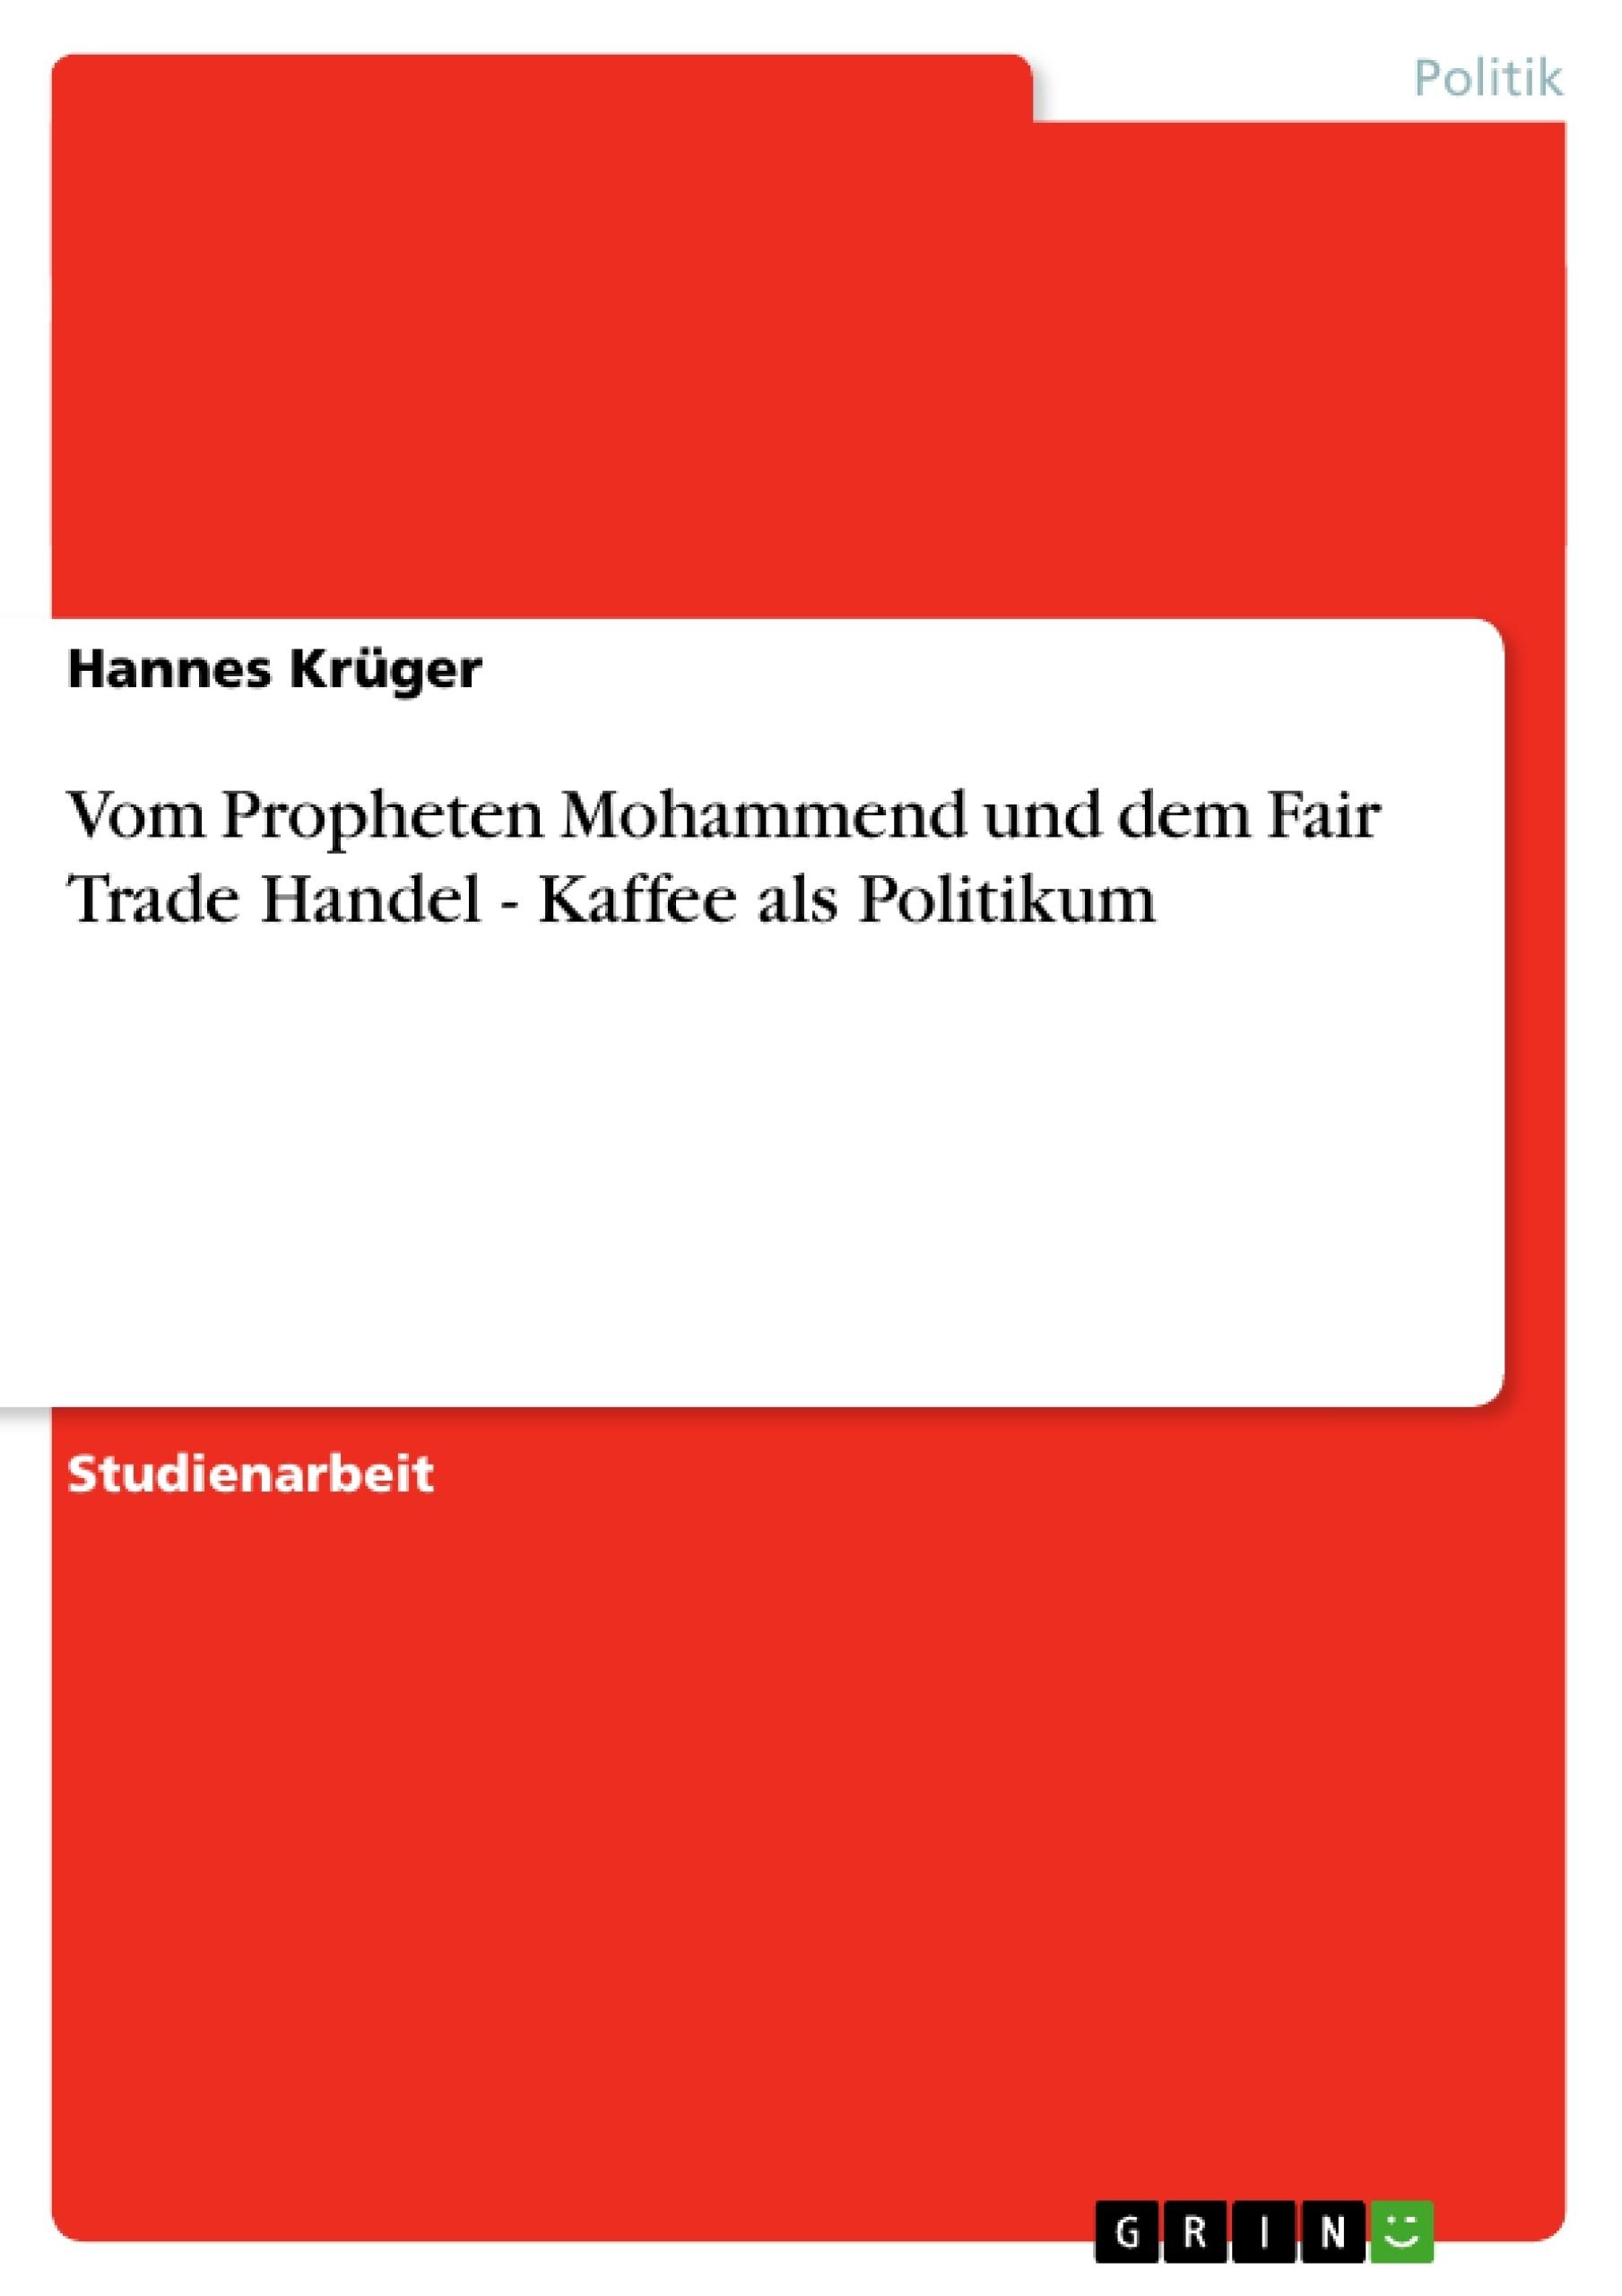 Titel: Vom Propheten Mohammend und dem Fair Trade Handel - Kaffee als Politikum